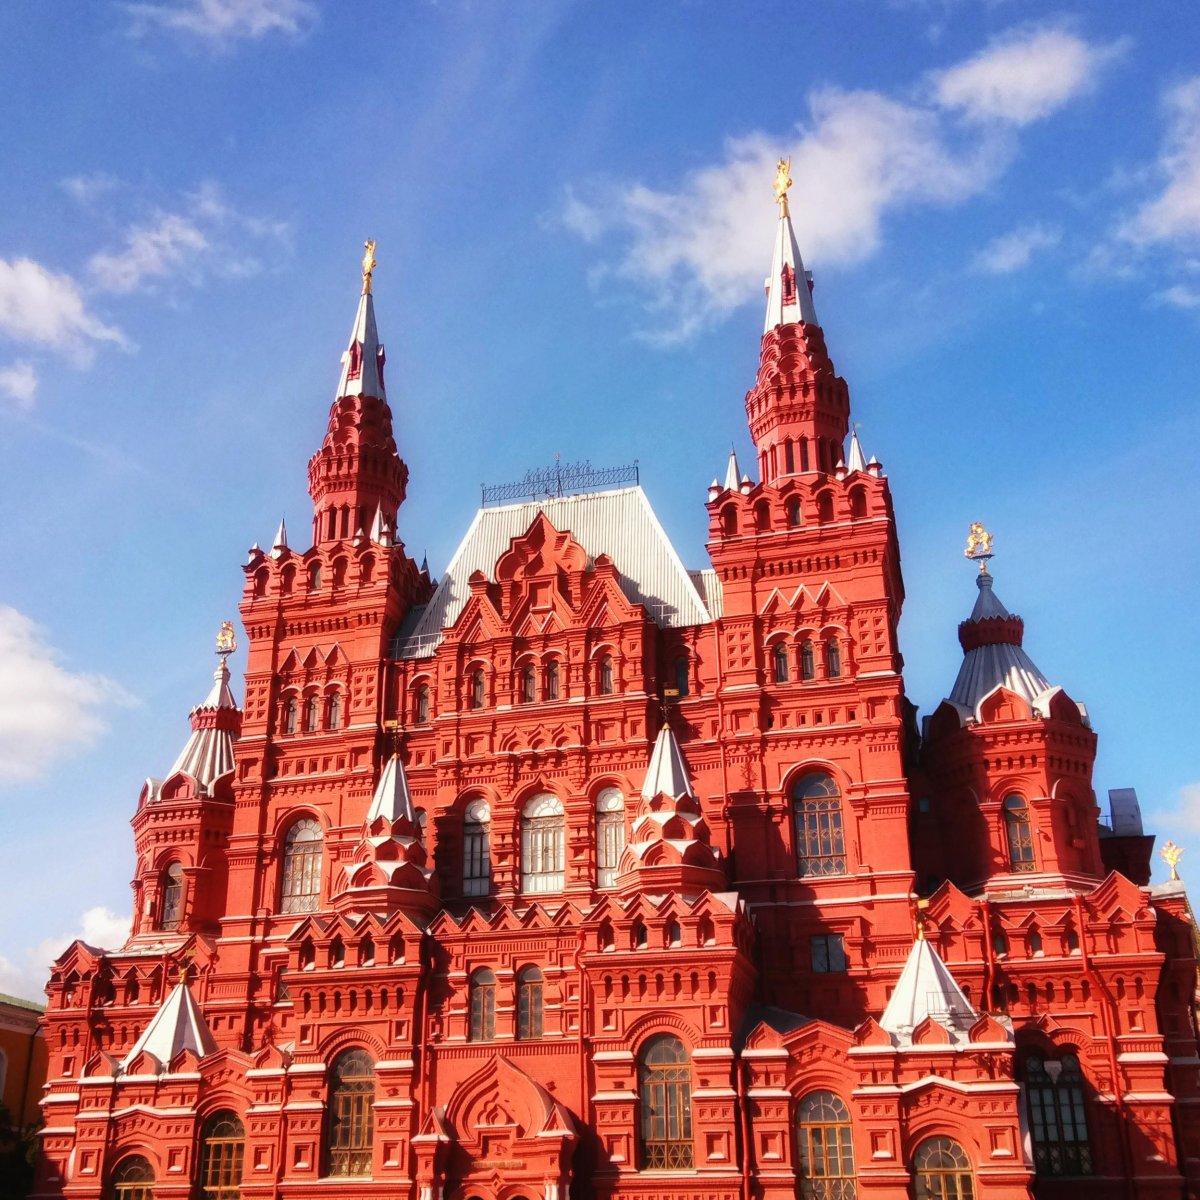 картинка музей истории москвы этого